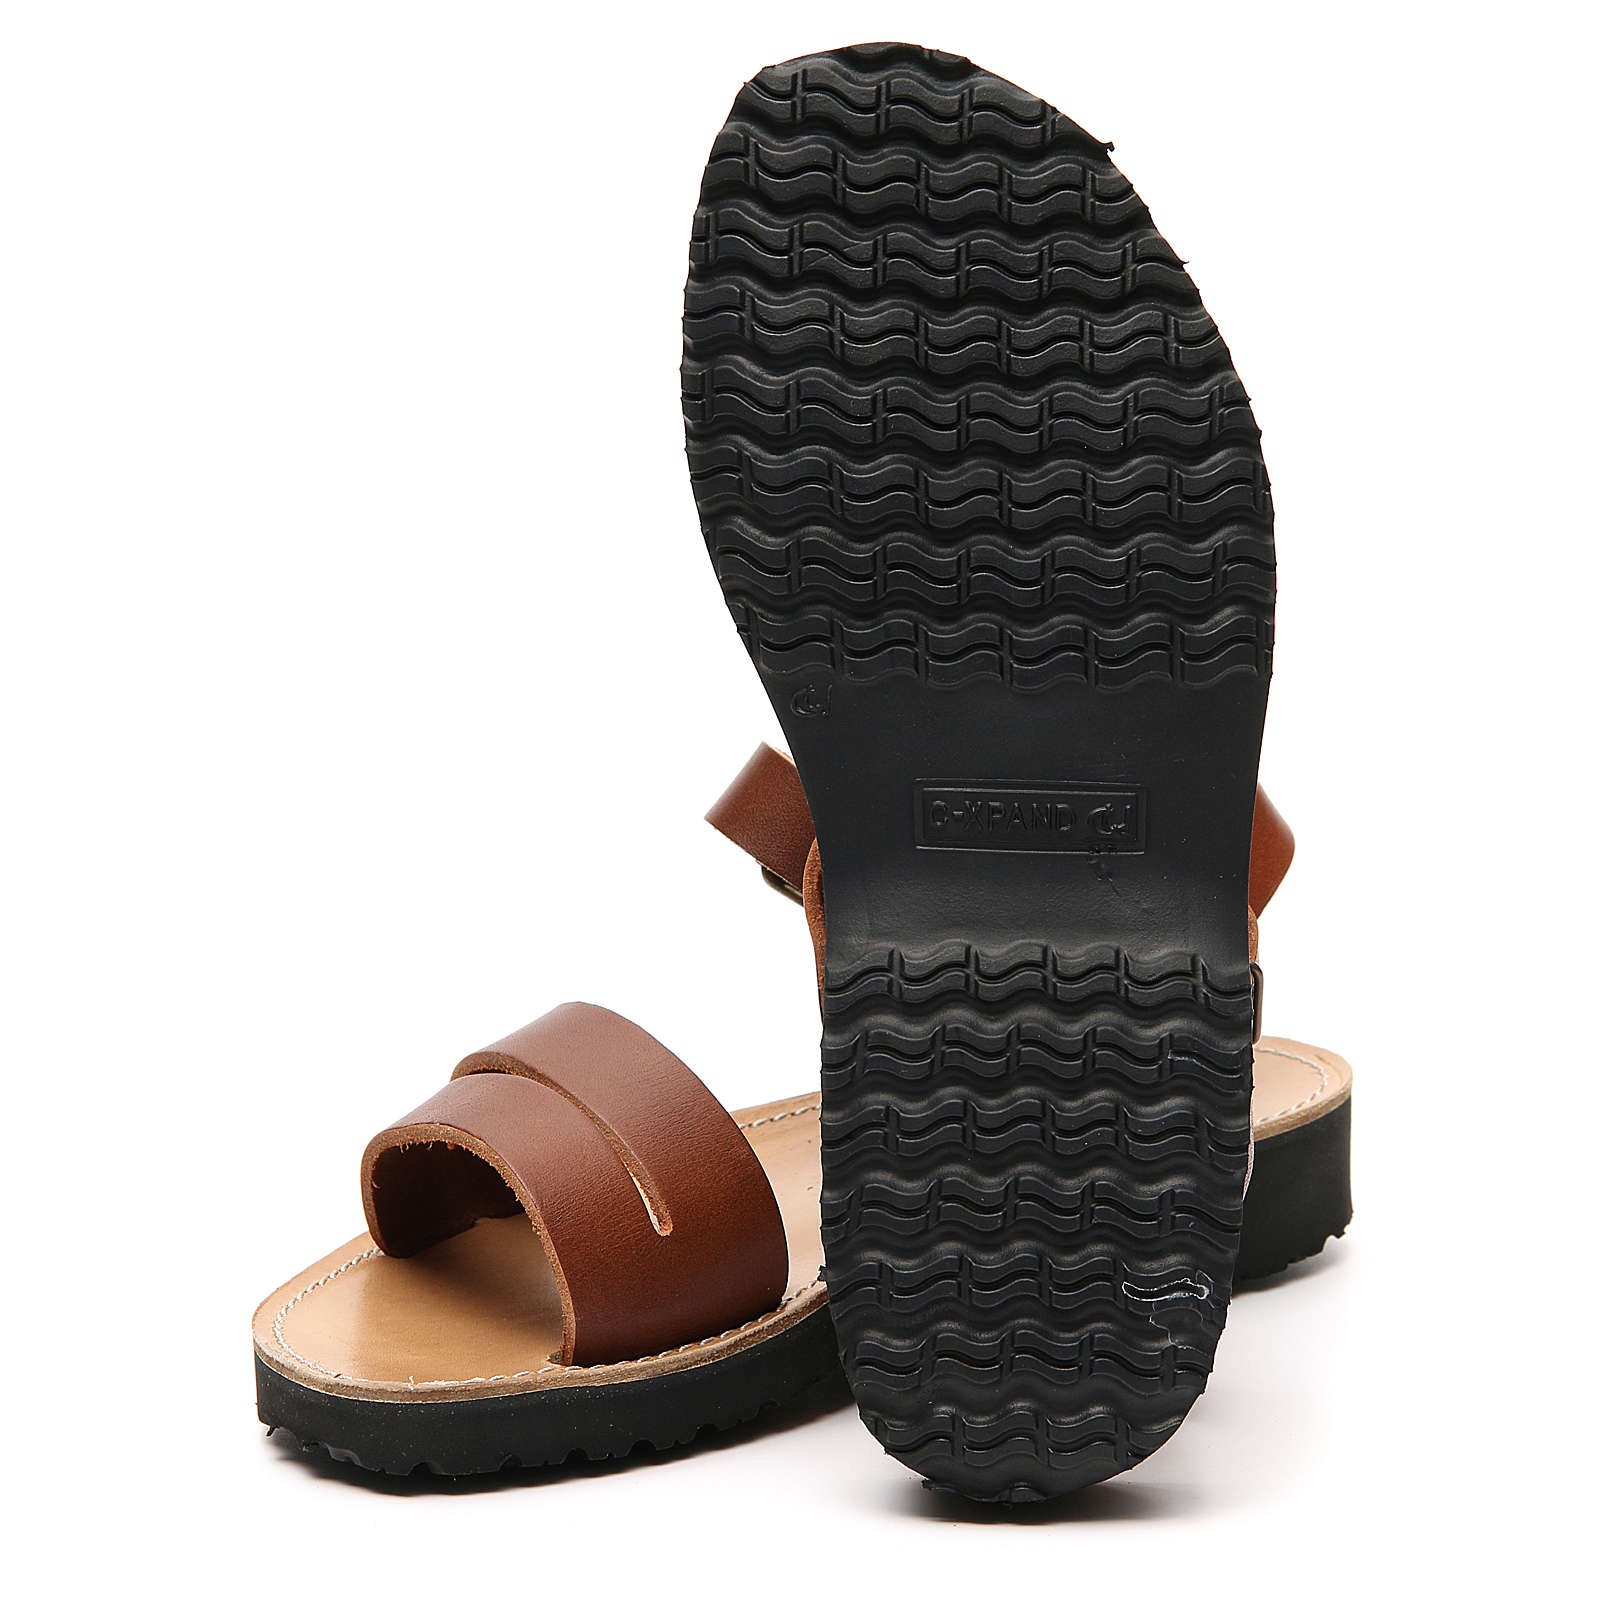 Franciscan Sandals in leather, model Bethléem 4